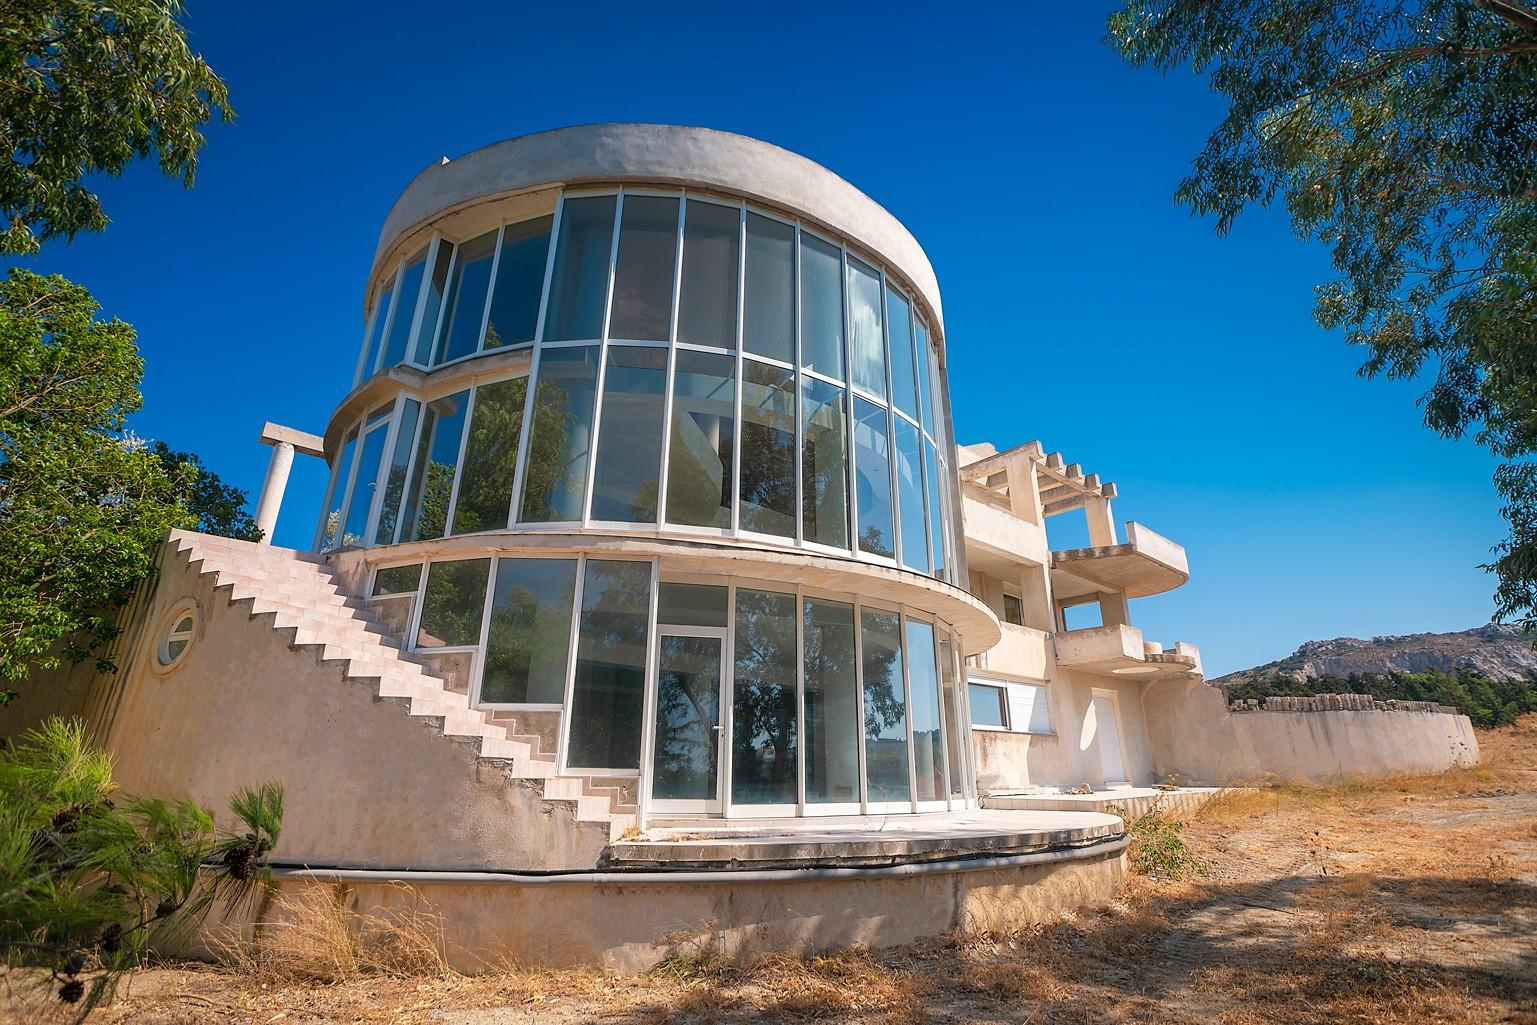 Maison, Rhodes - Ref GR-5688